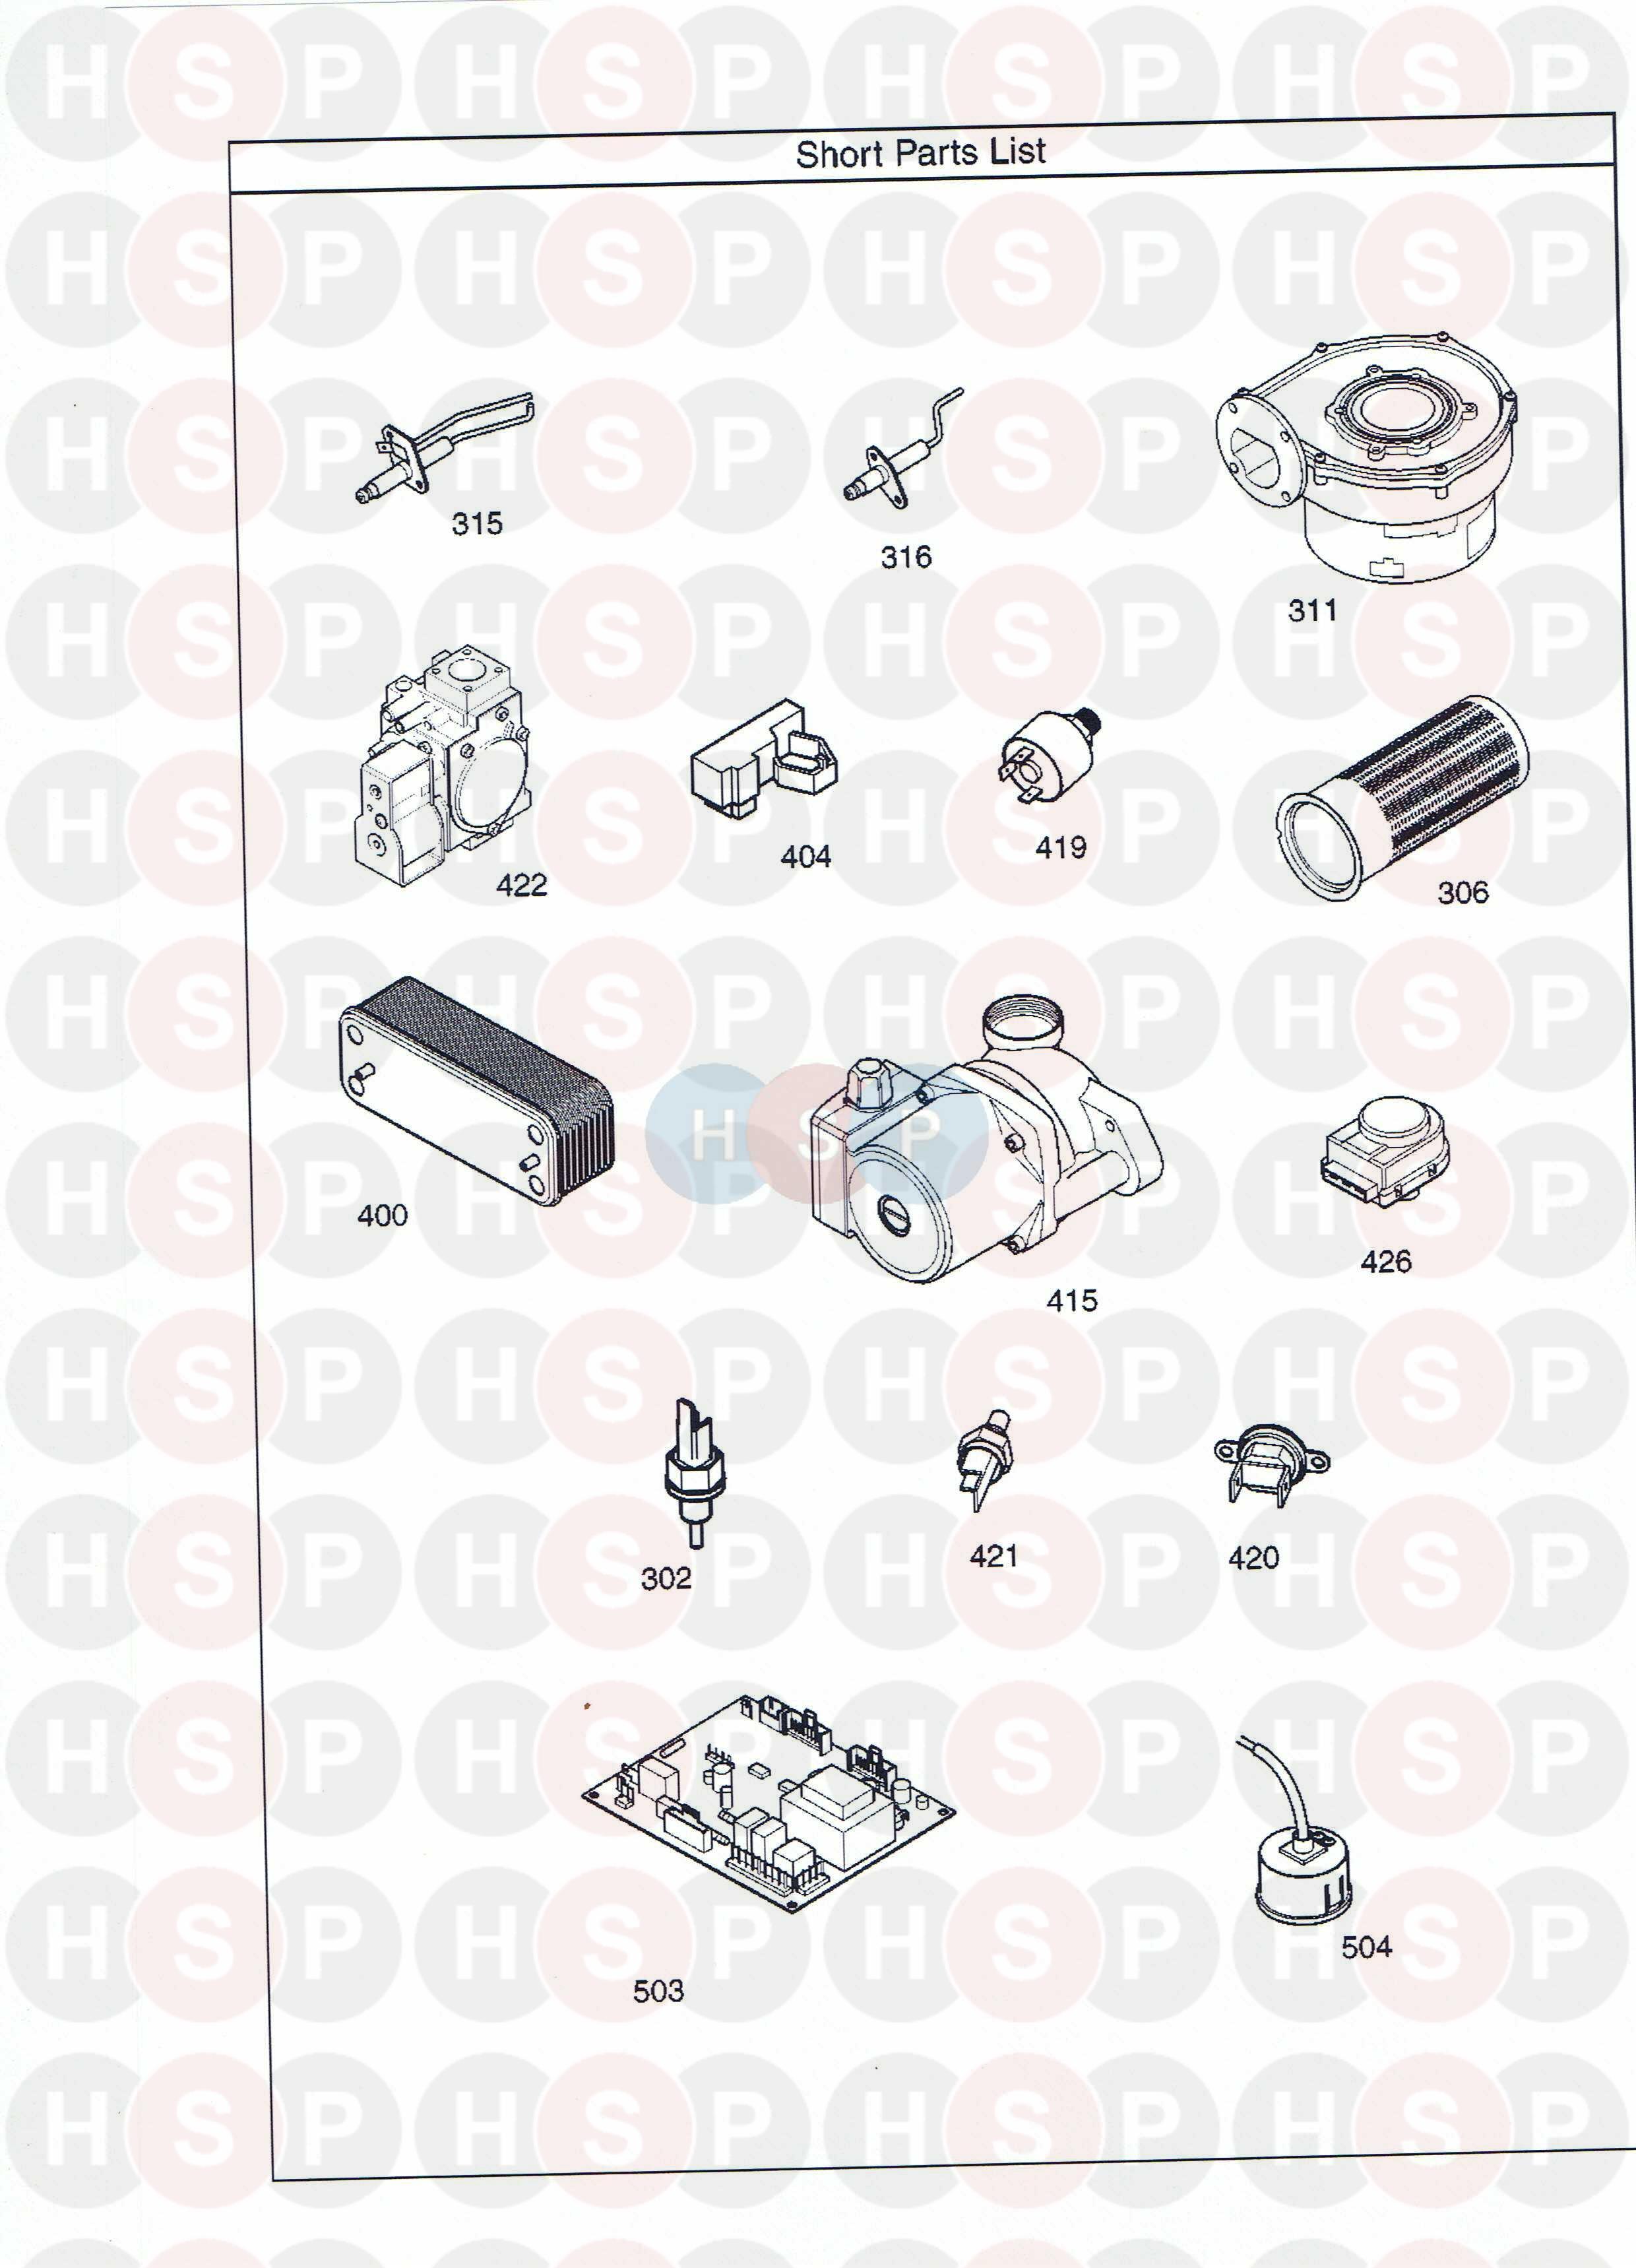 potterton promax combi 33 he plus  short parts list  diagram